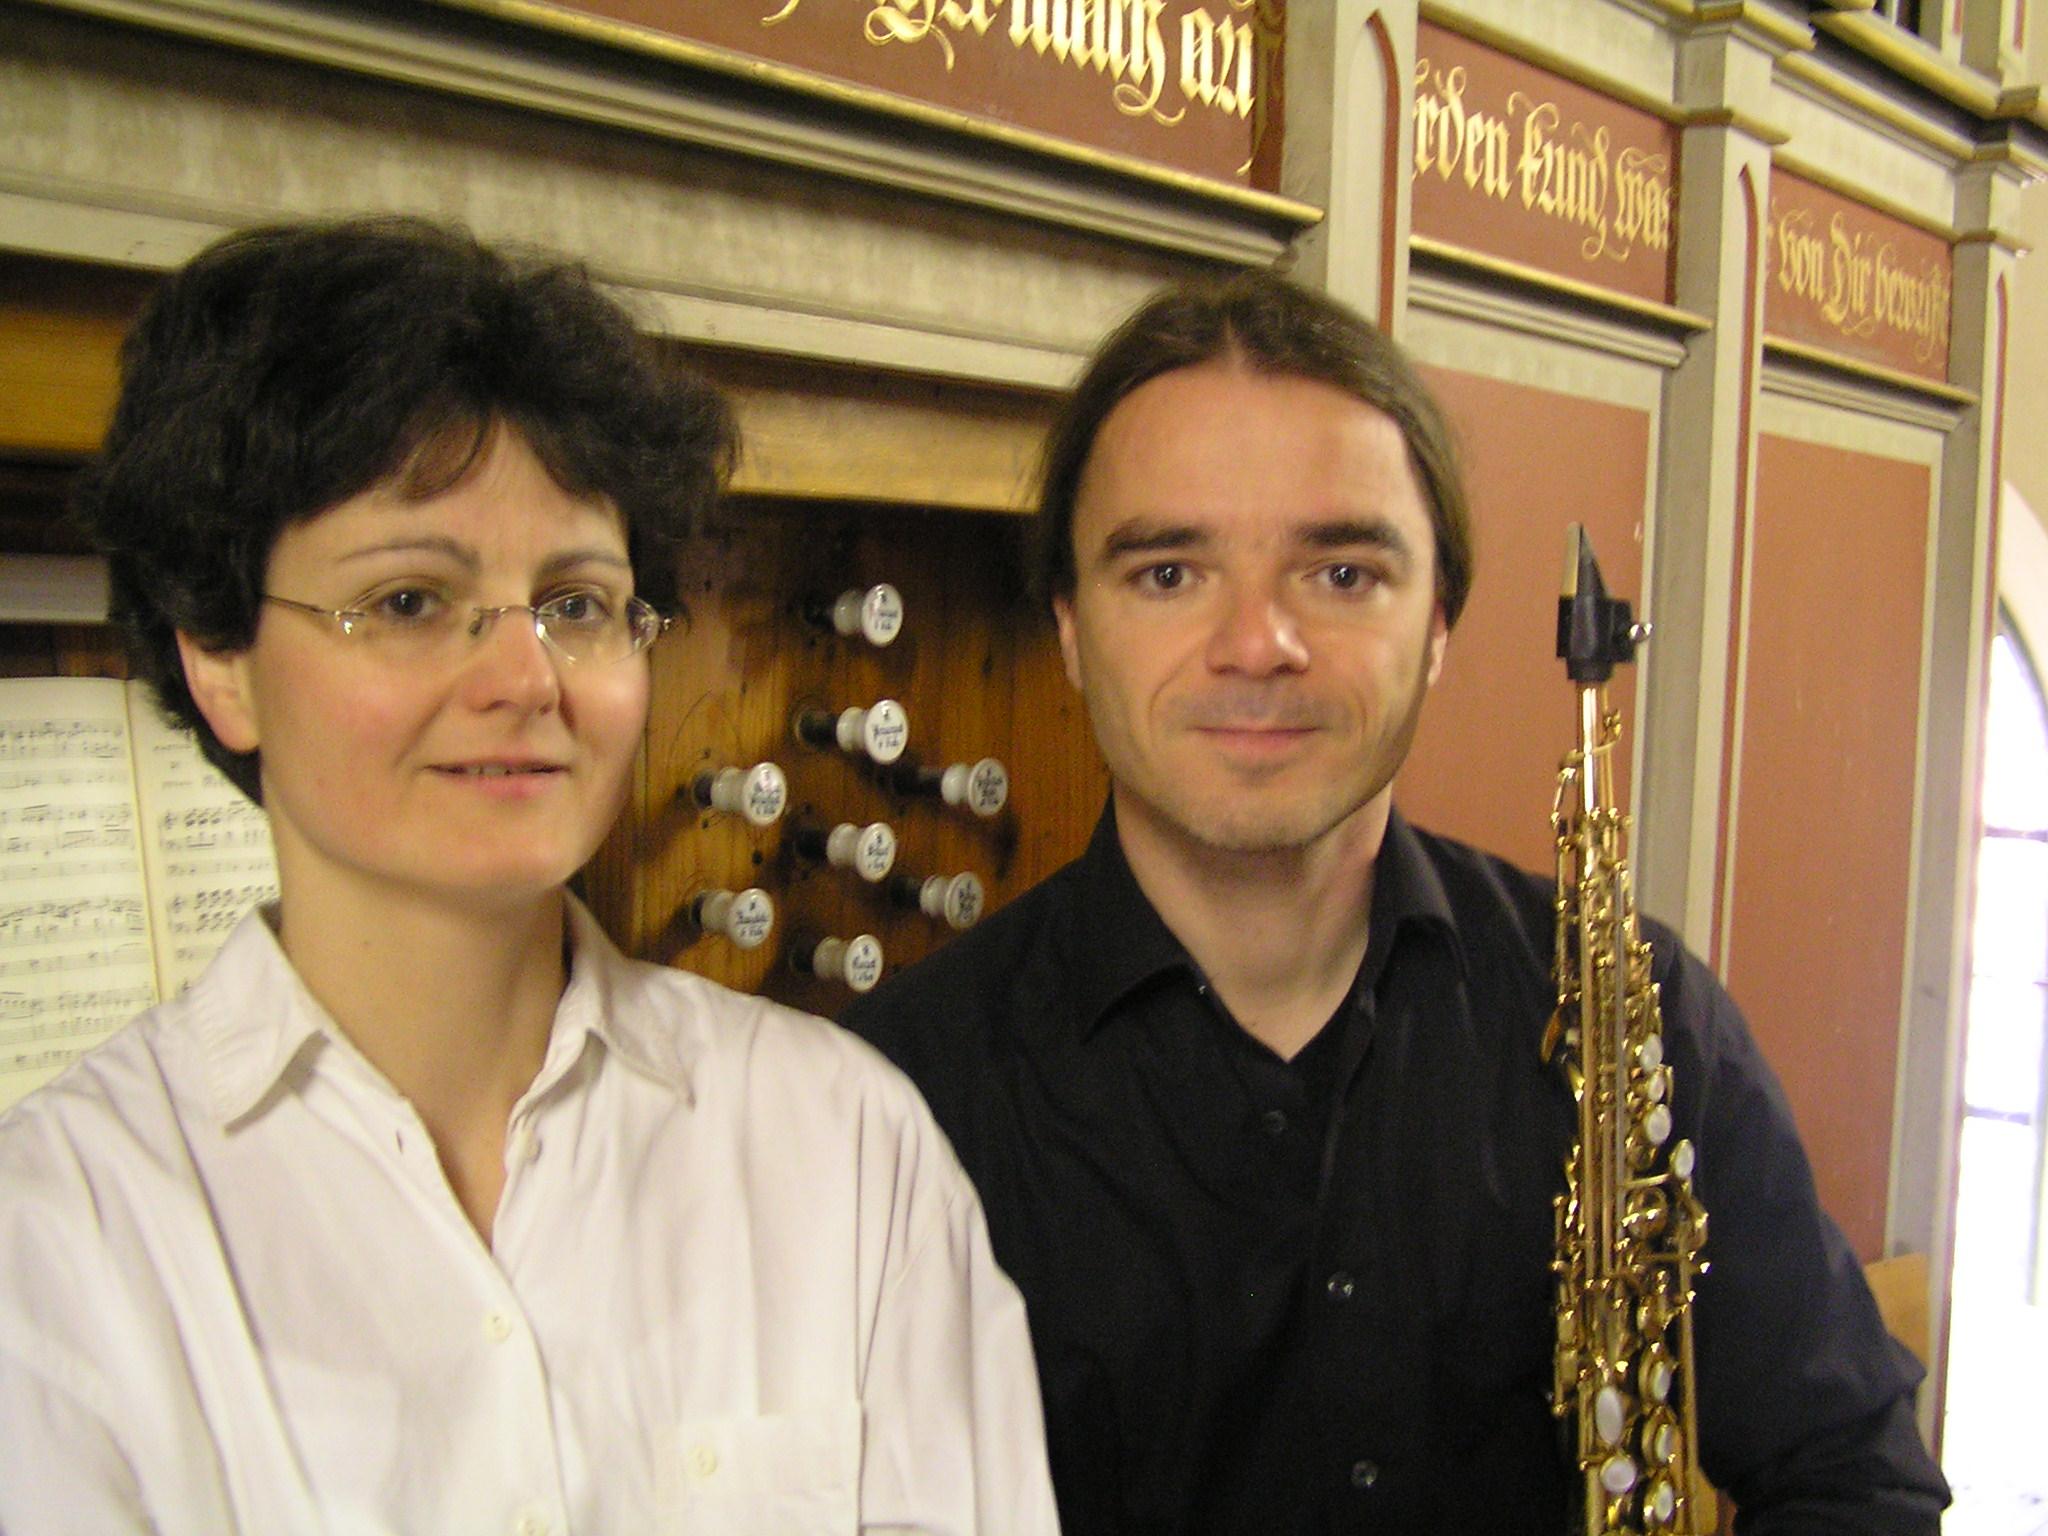 Saxofon Orgel Duo Clemens Hoffmann Thekla Schönfeld